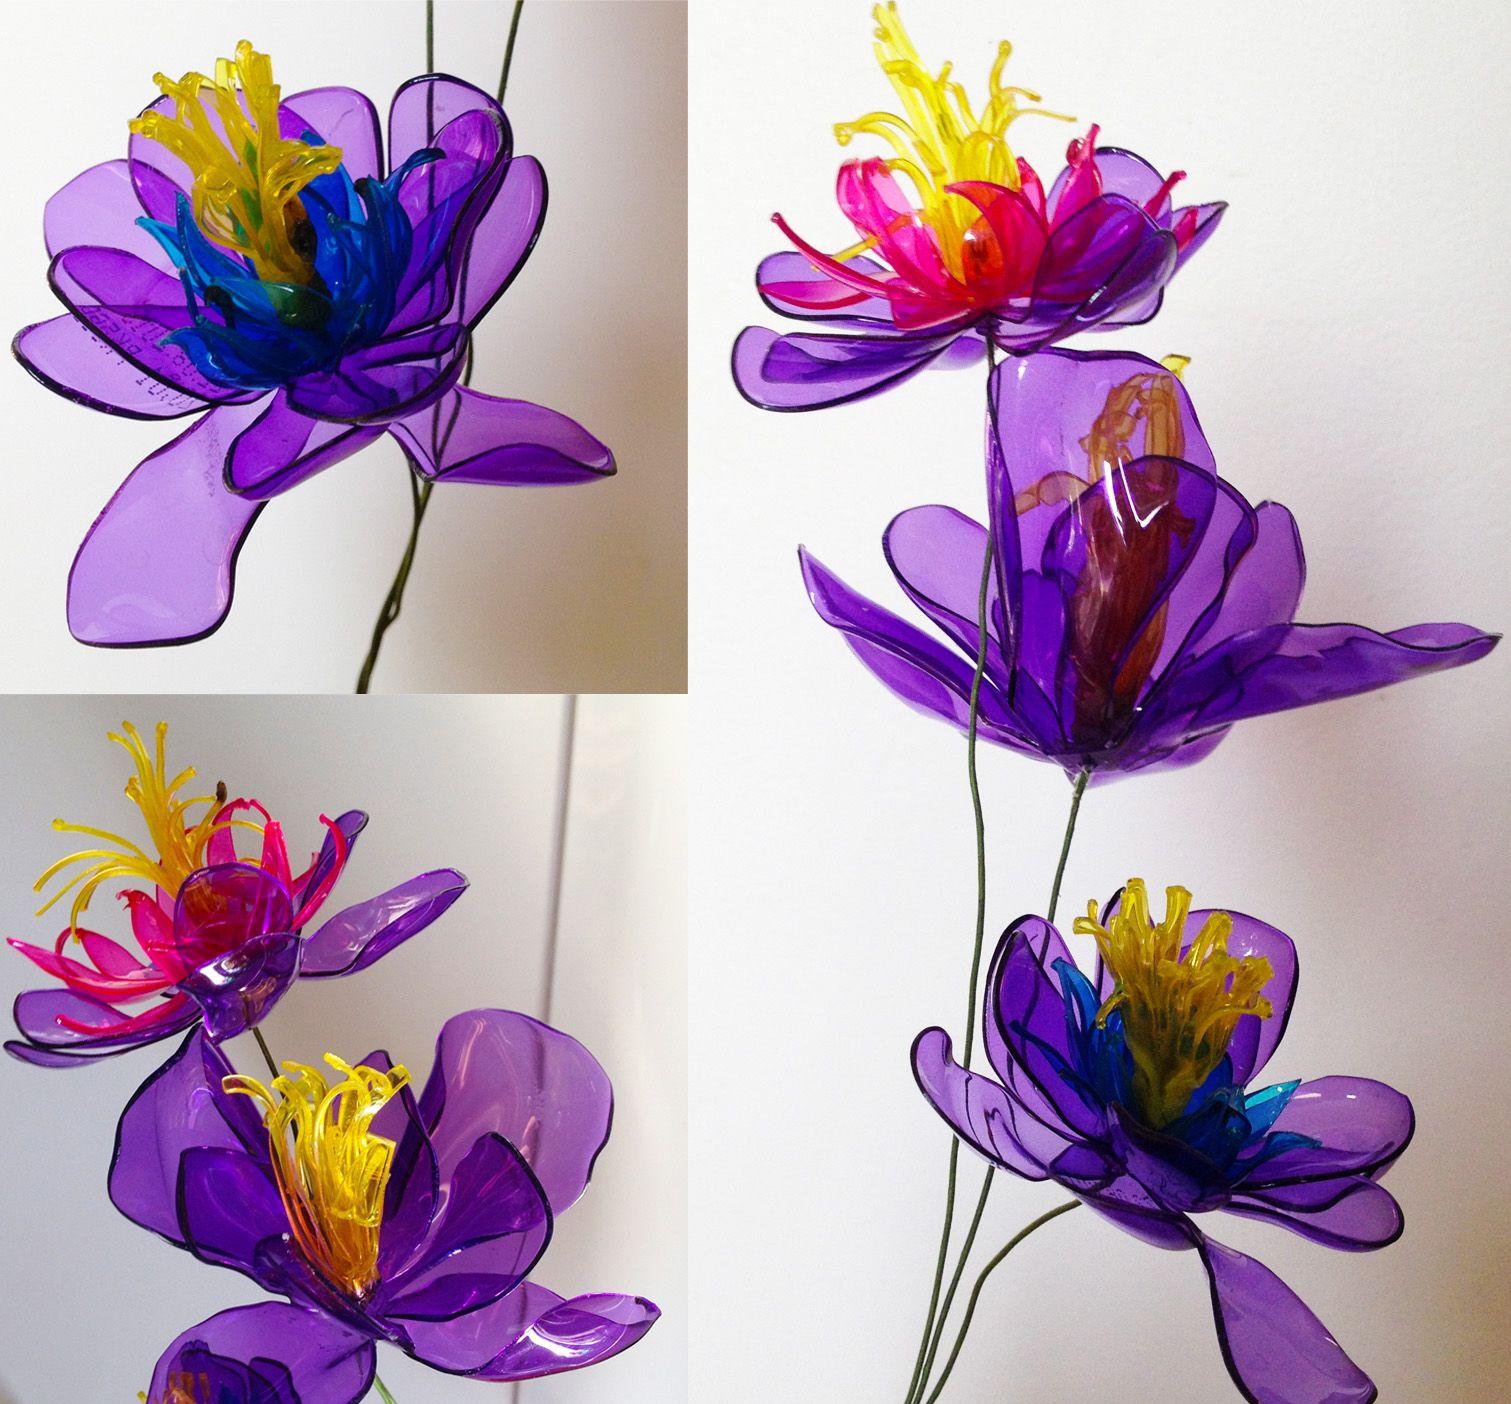 Картинки цветов из пластиковых бутылок